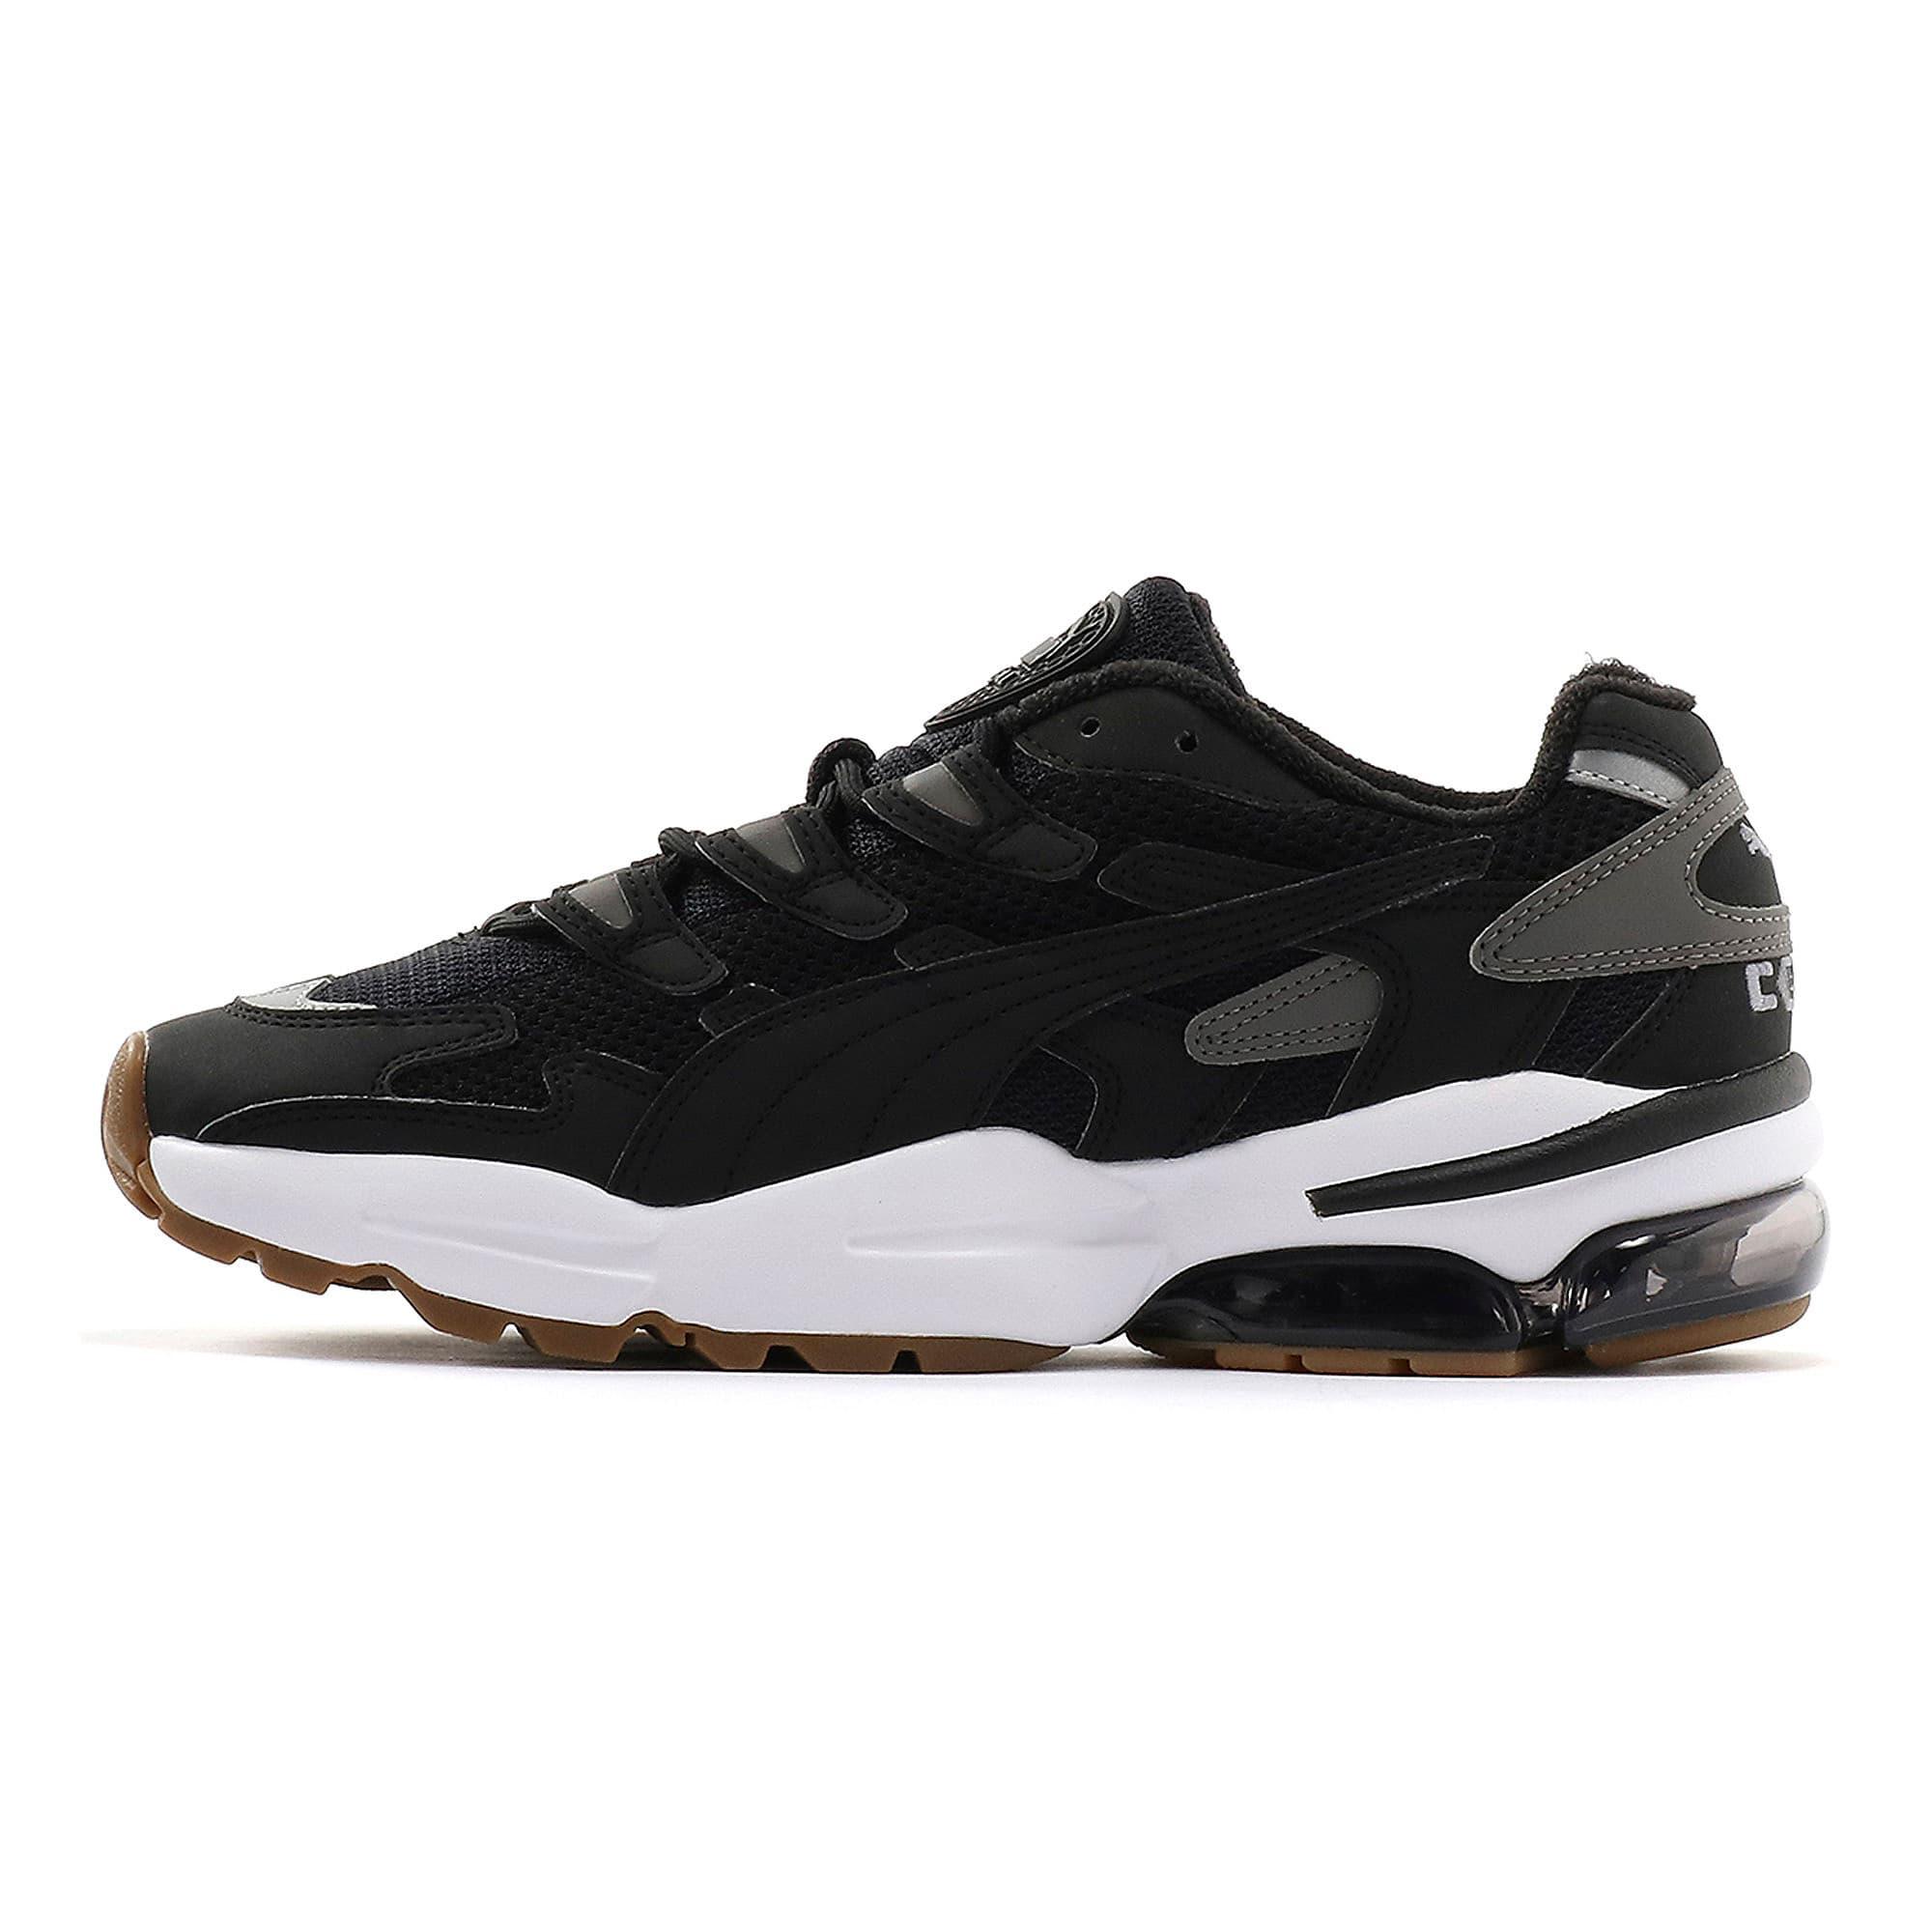 Thumbnail 1 of CELL Alien OG Sneakers, Puma Black-Gum, medium